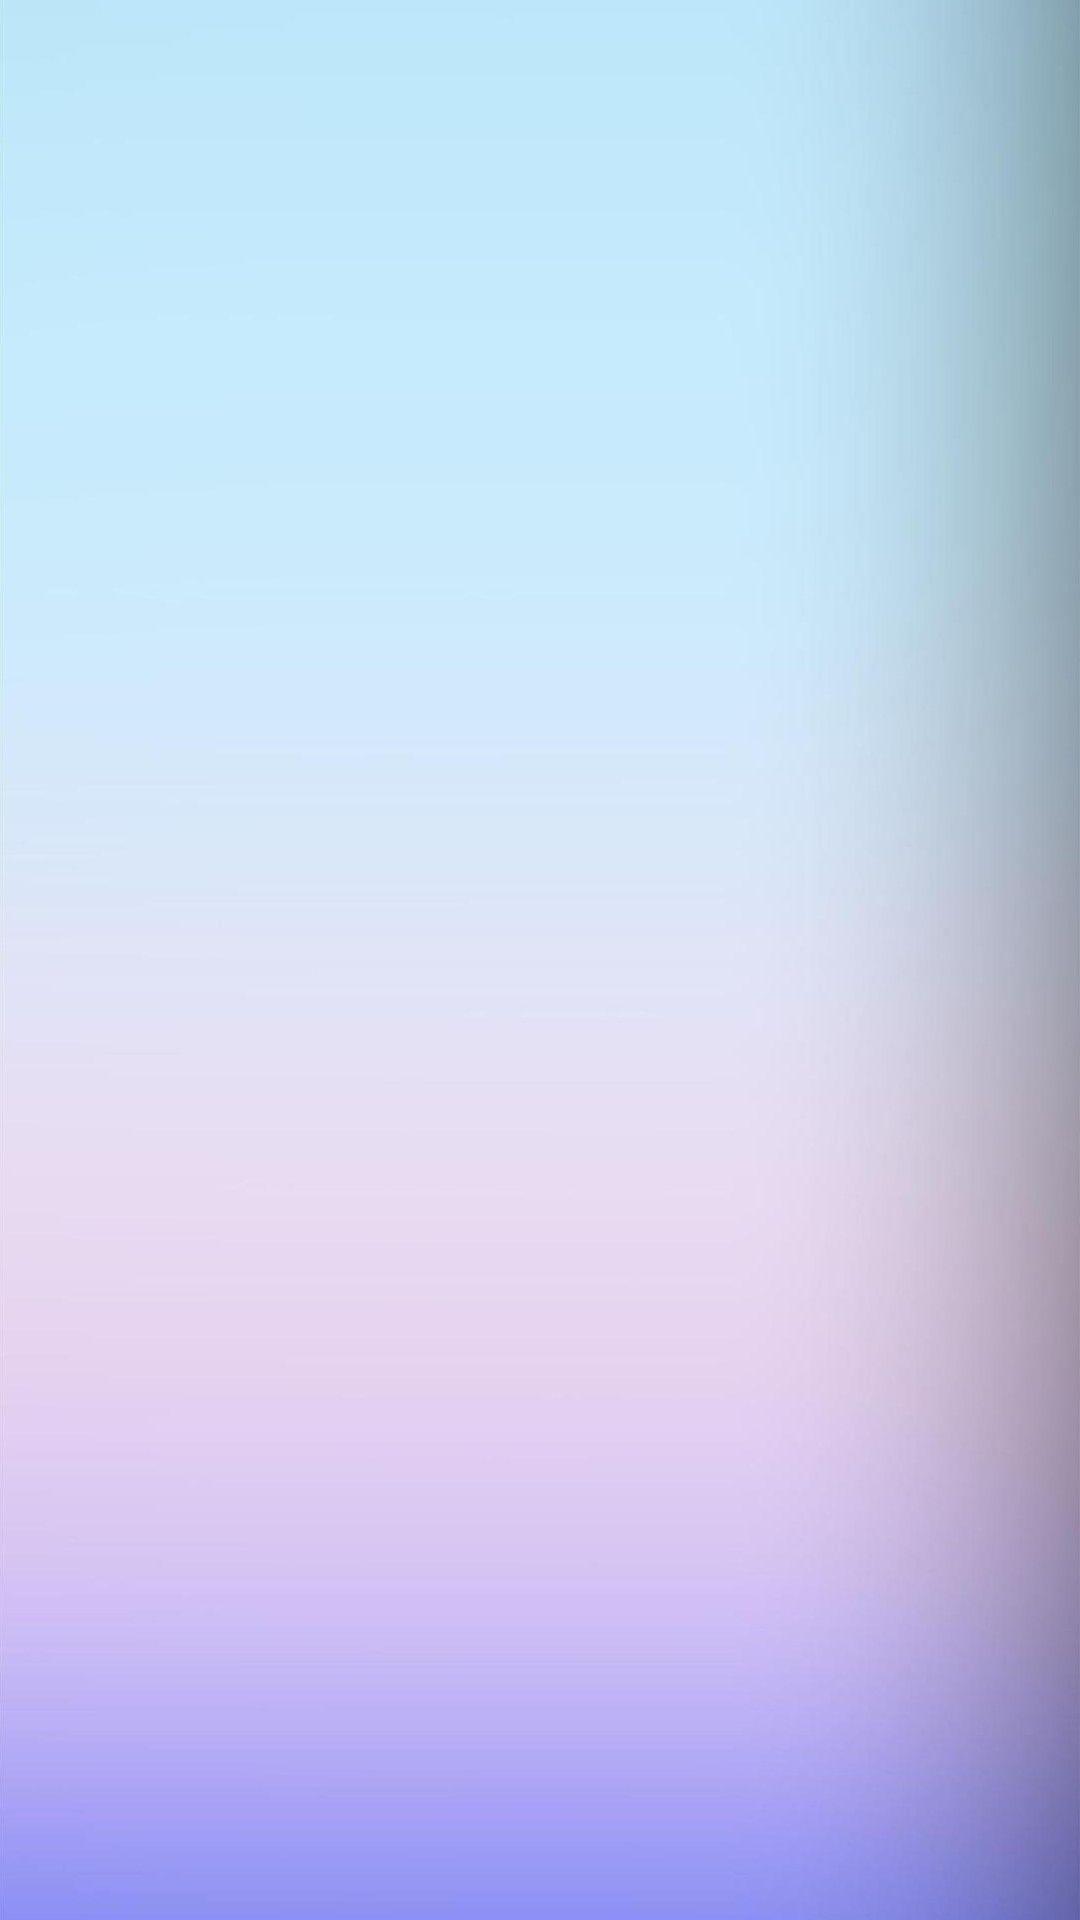 水色薄紫色2019 スマホ壁紙壁紙背景 シンプル